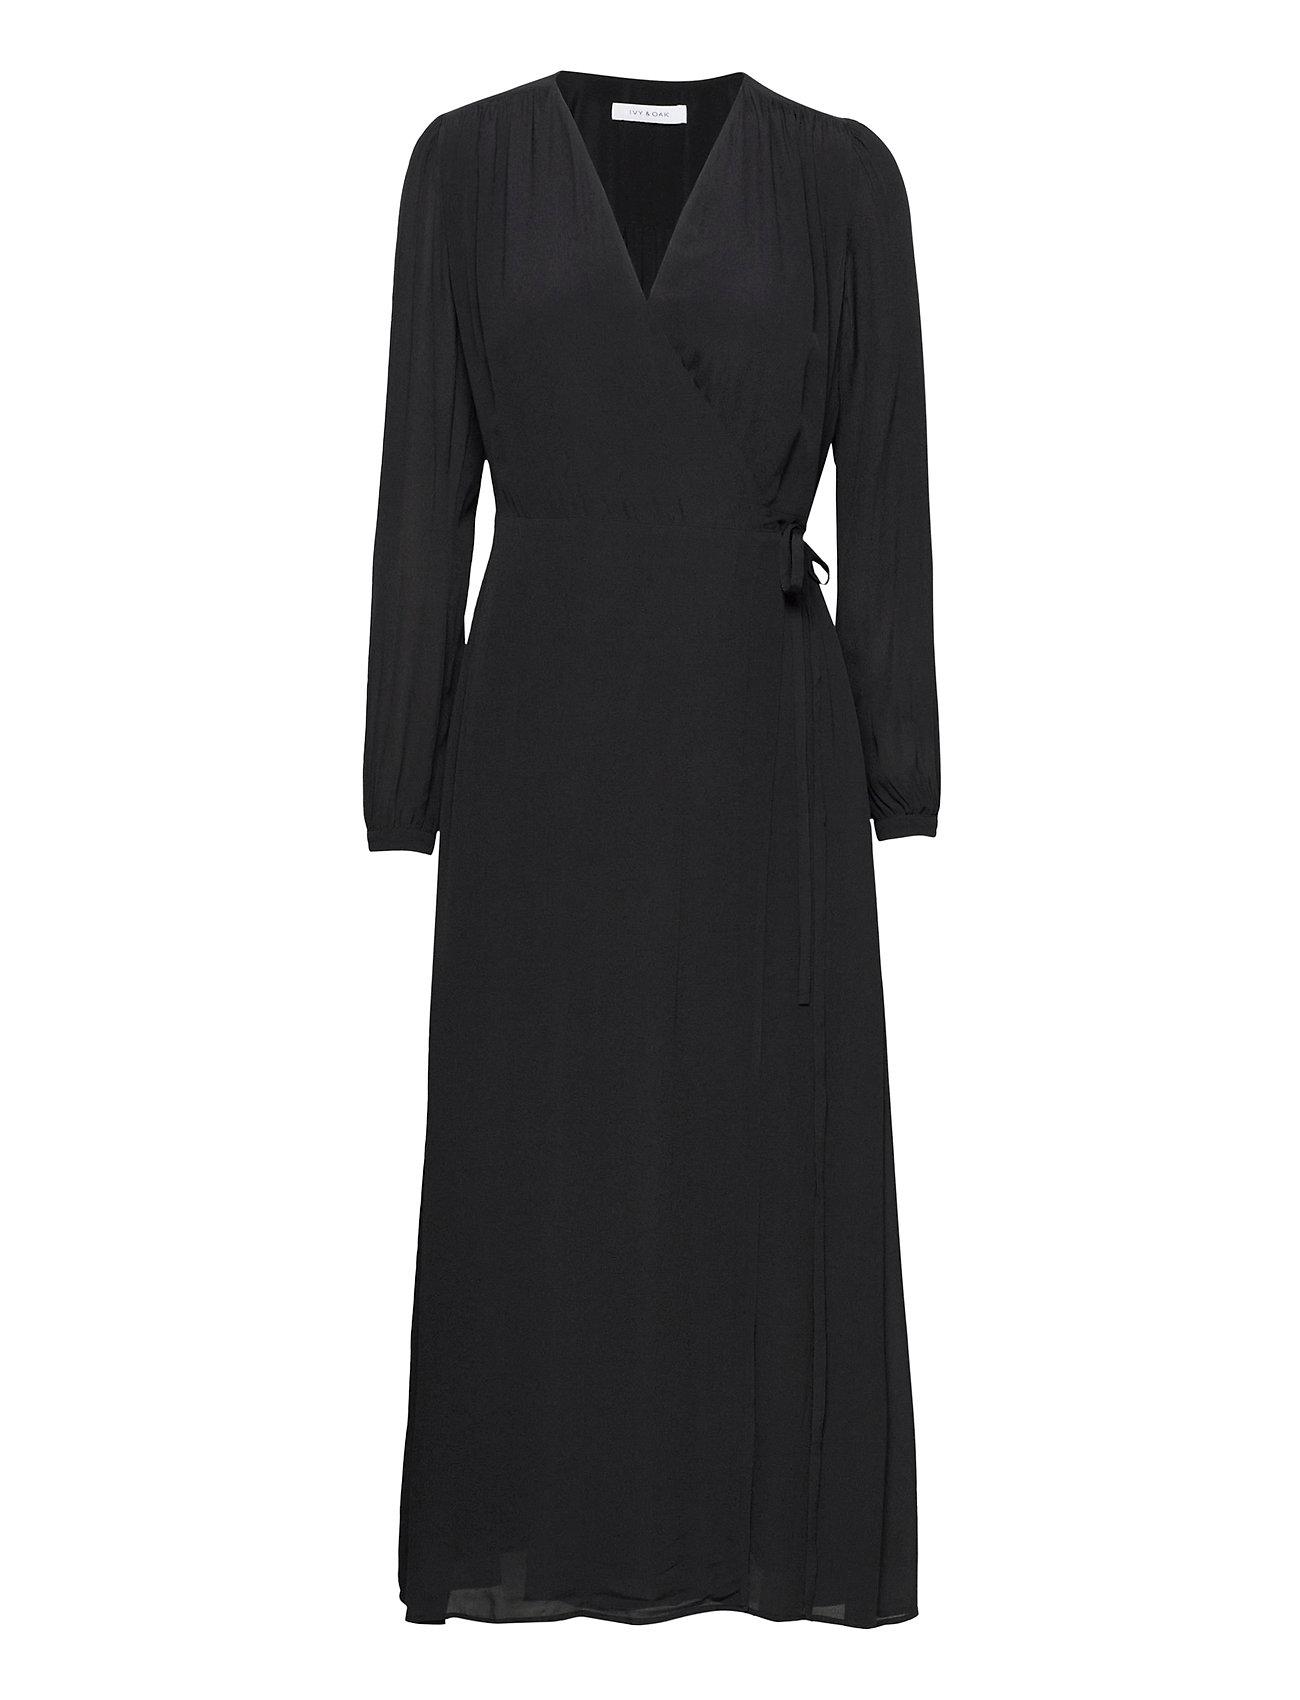 Image of Wrap Dress Ankle Length Knælang Kjole Sort Ivy & Oak (3475360277)